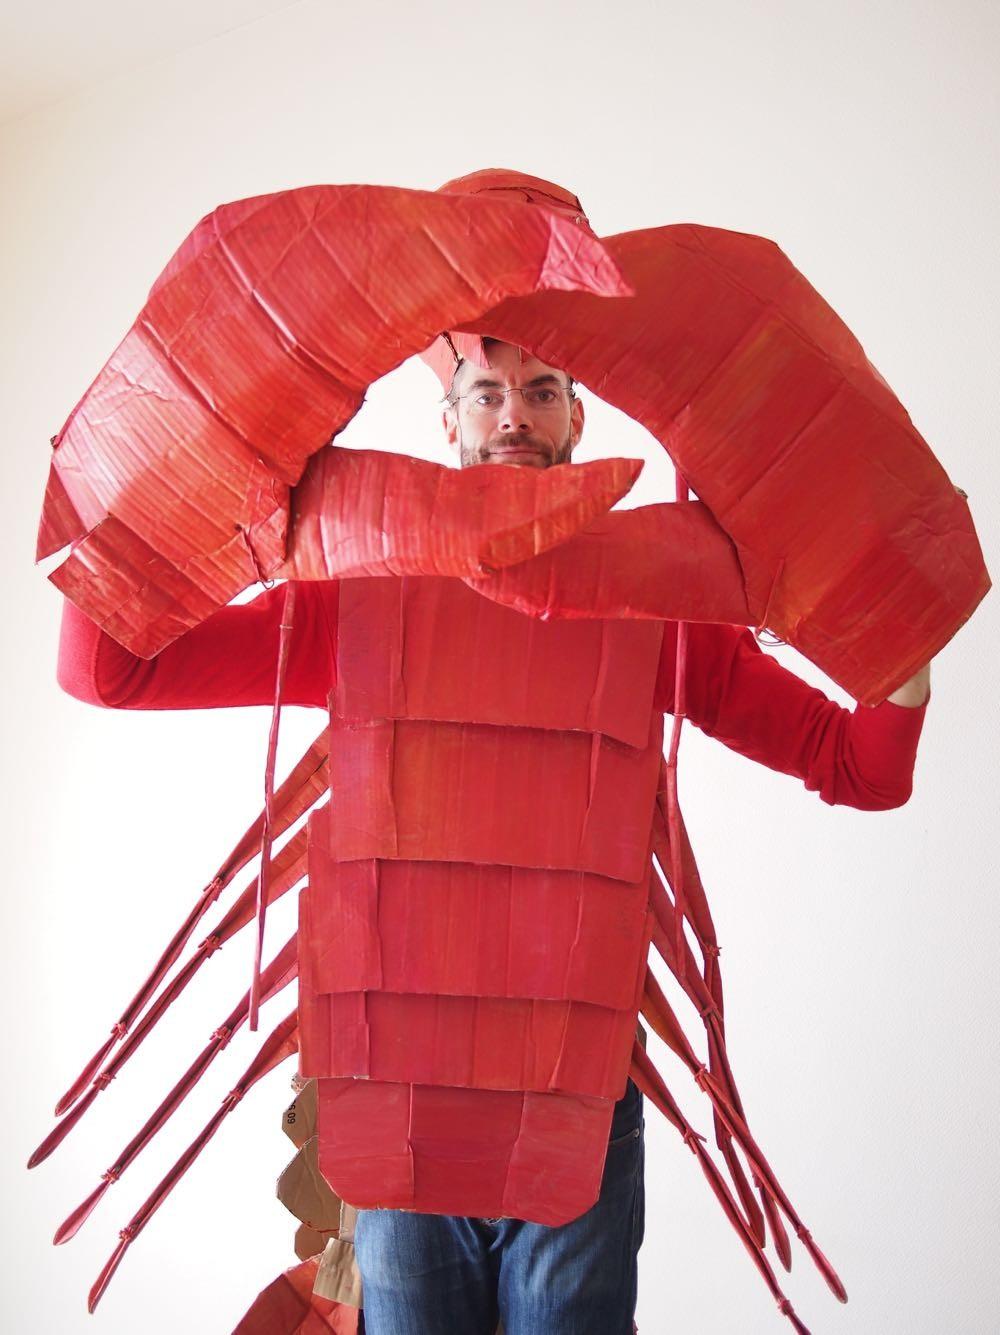 kostuum kreeft verkleden halloween carnaval